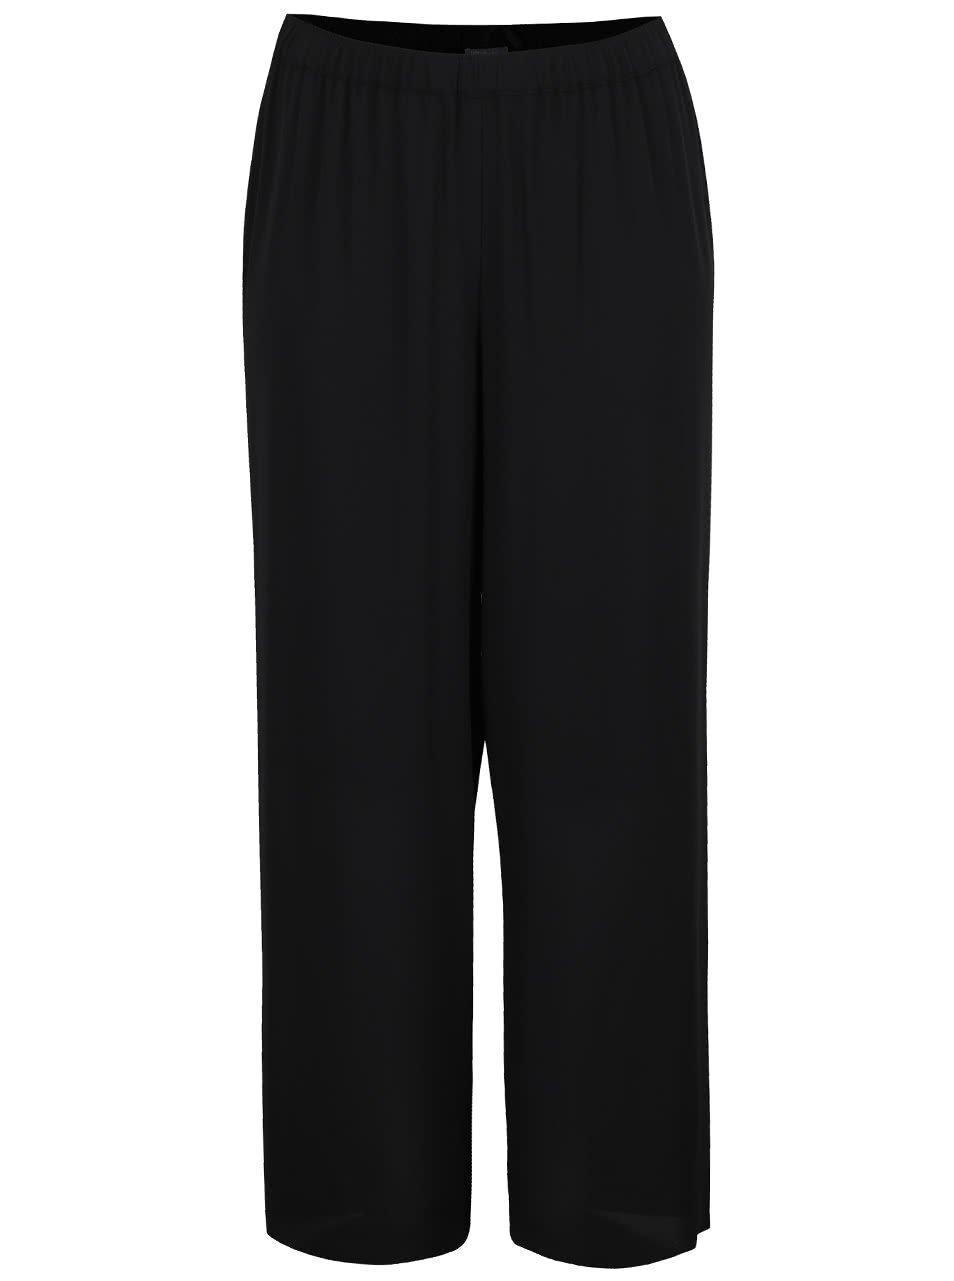 Černé volné rovné kalhoty s gumou v pase Ulla Popken